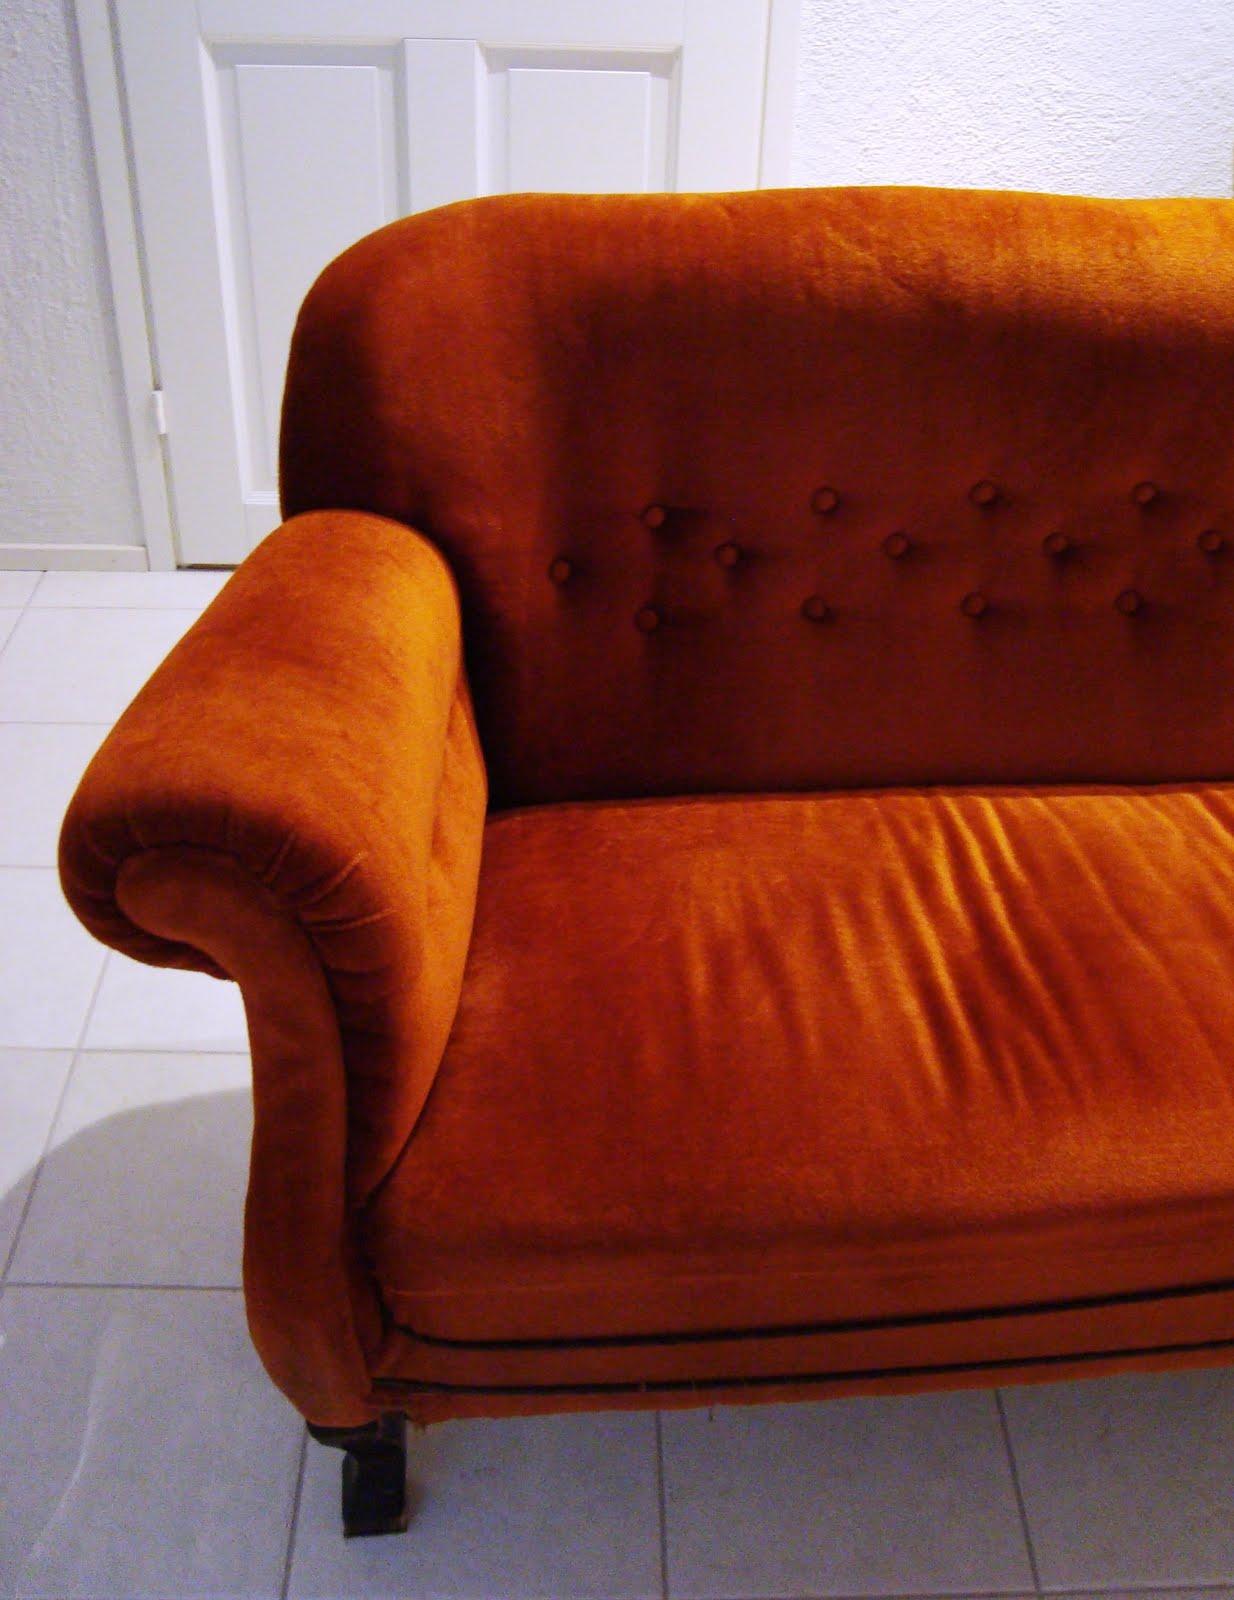 Nurkka sohva hinta